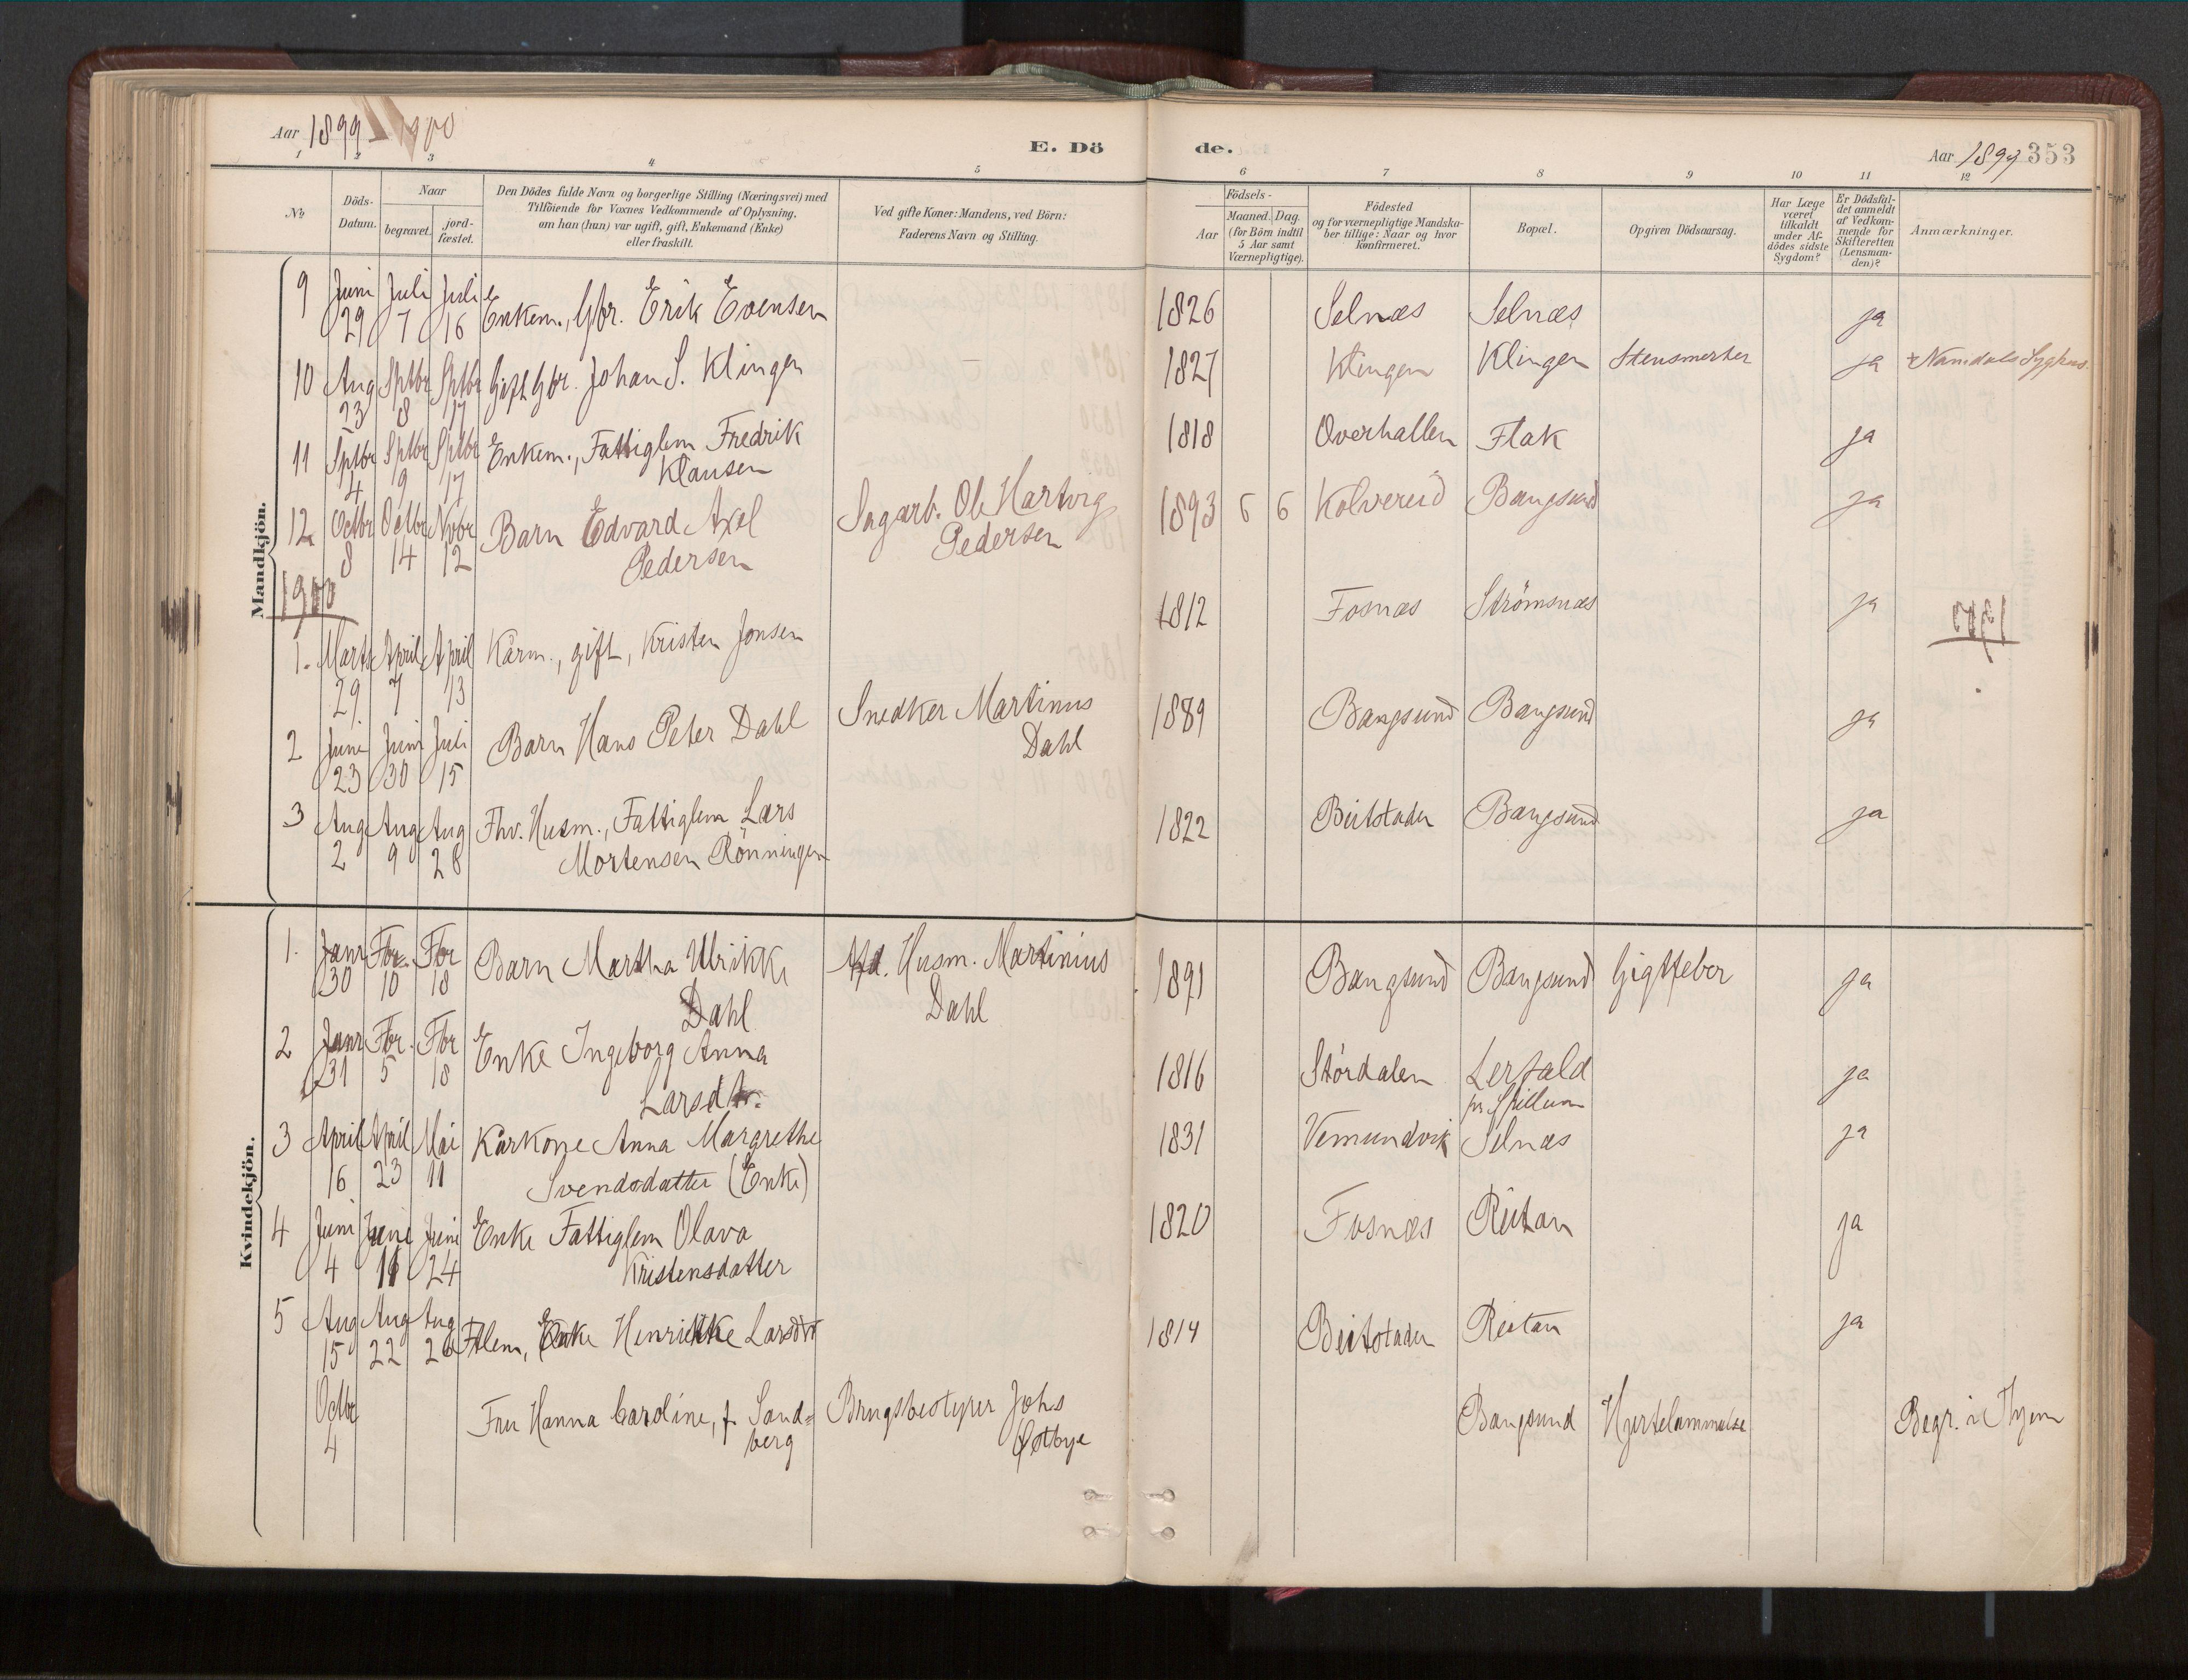 SAT, Ministerialprotokoller, klokkerbøker og fødselsregistre - Nord-Trøndelag, 770/L0589: Ministerialbok nr. 770A03, 1887-1929, s. 353